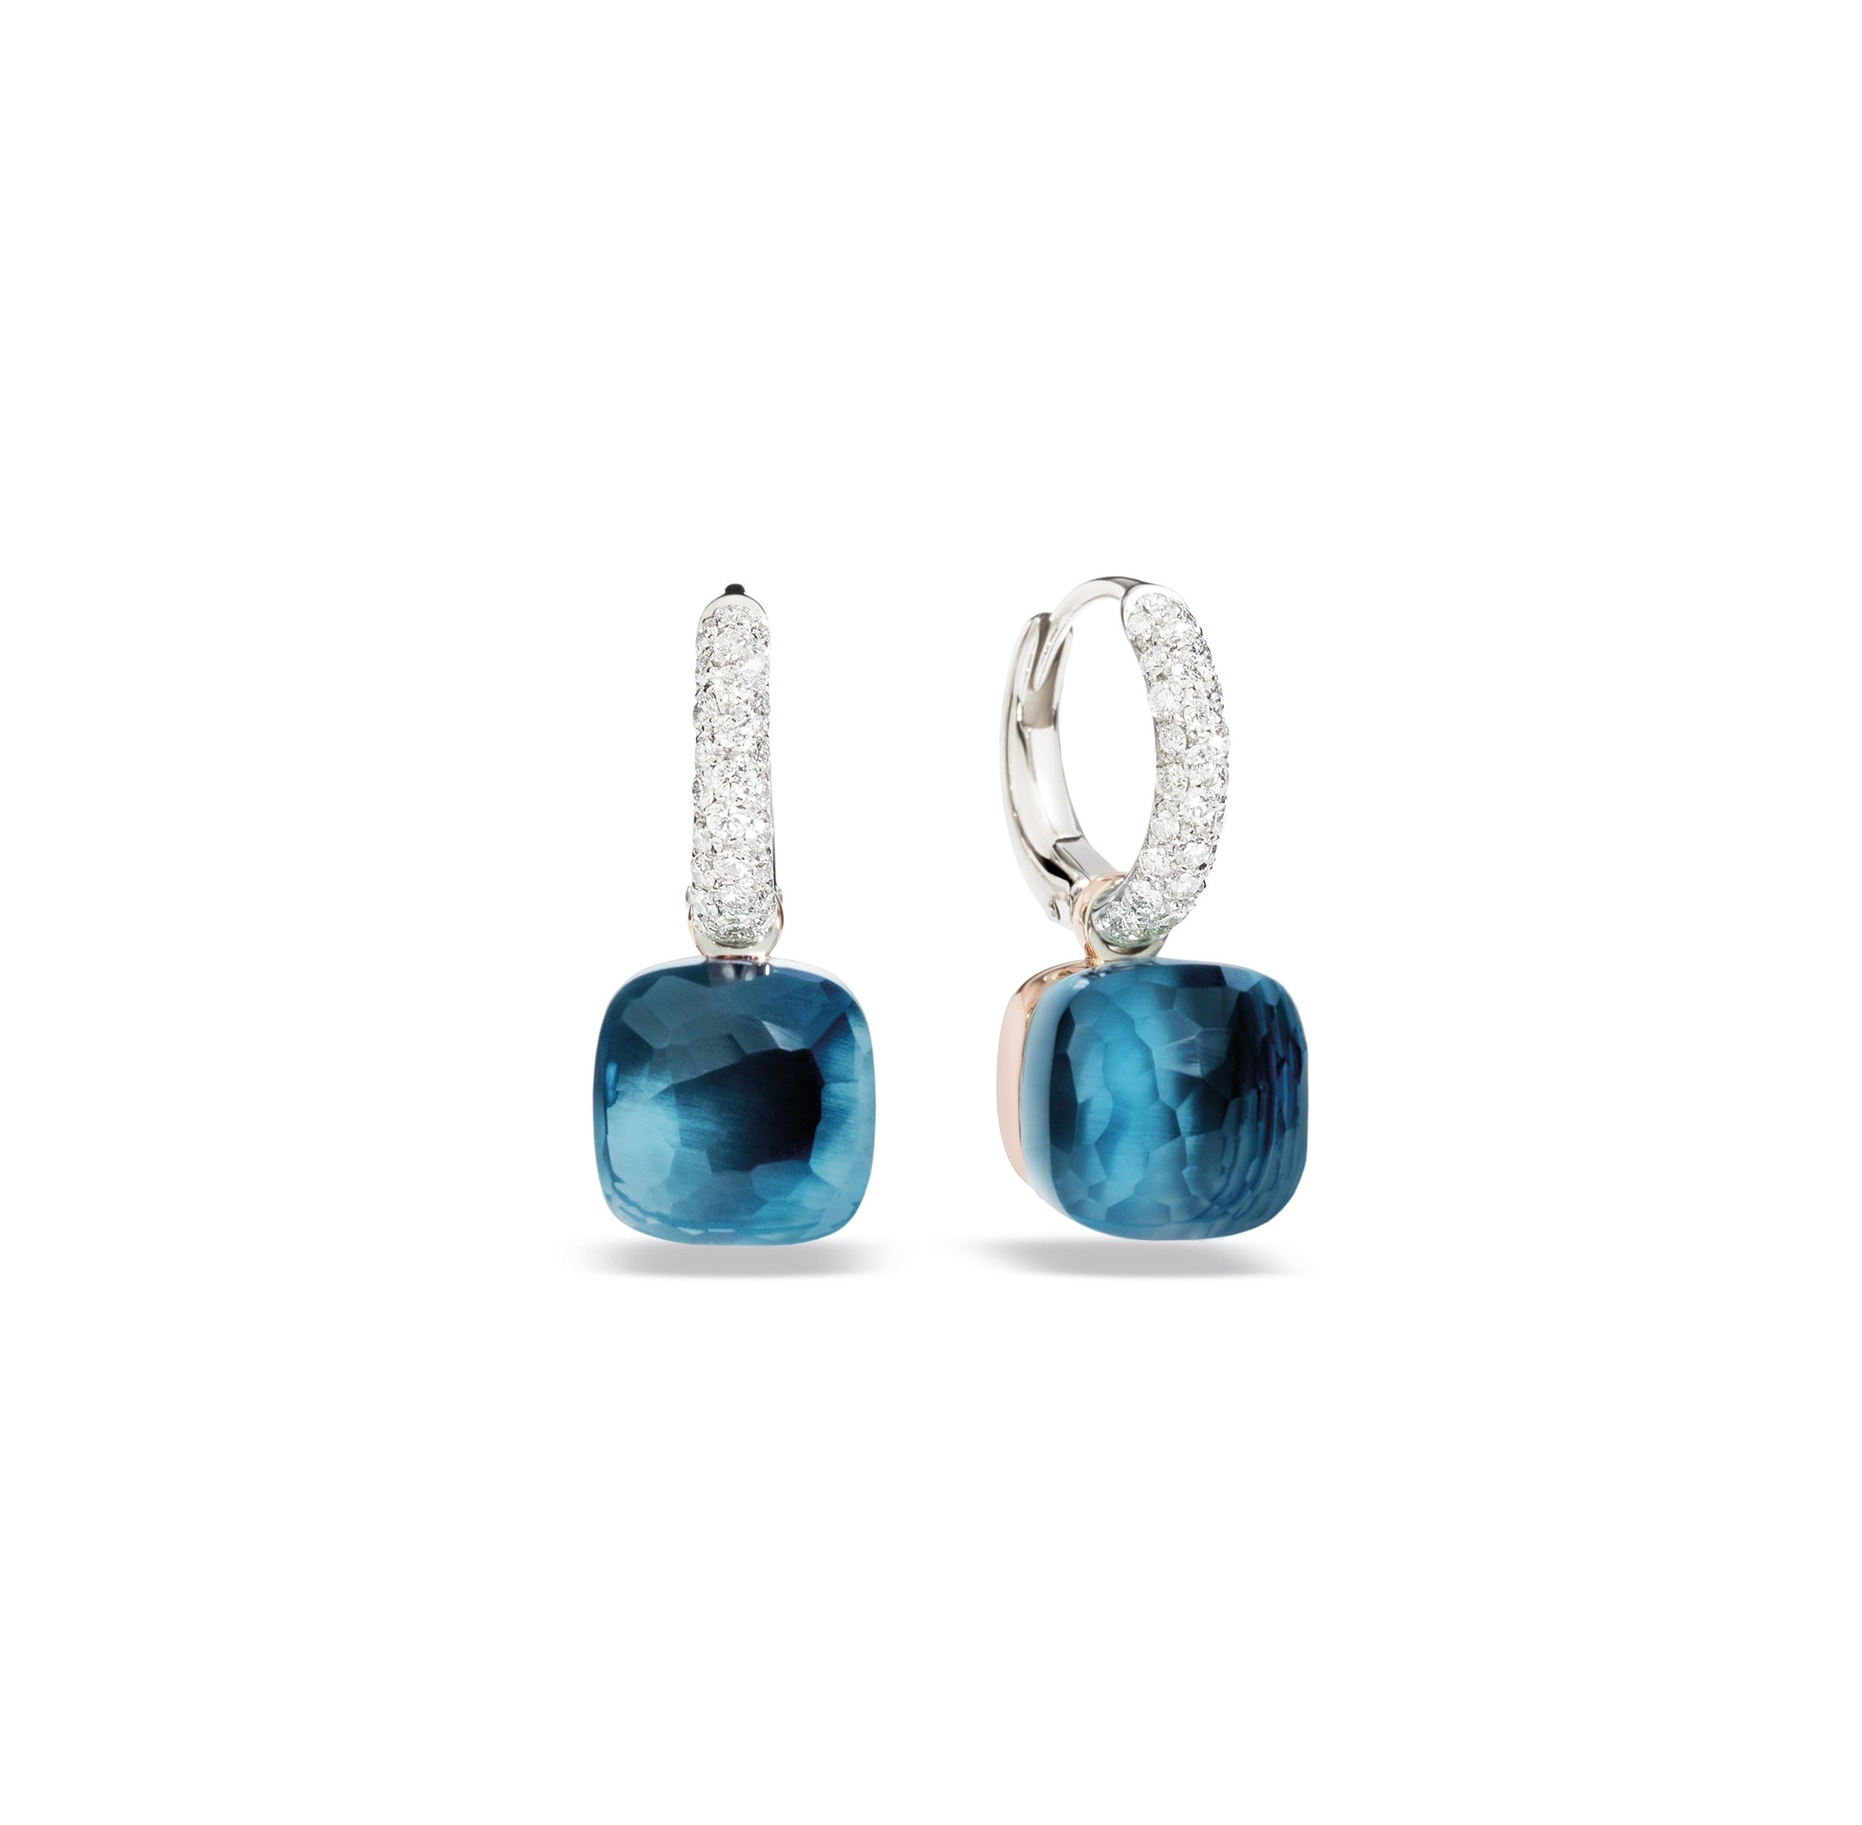 Pomellato Pomellato Nudo Classic oorhangers in 18 krt. witgoud met London blue topaas en witte diamanten